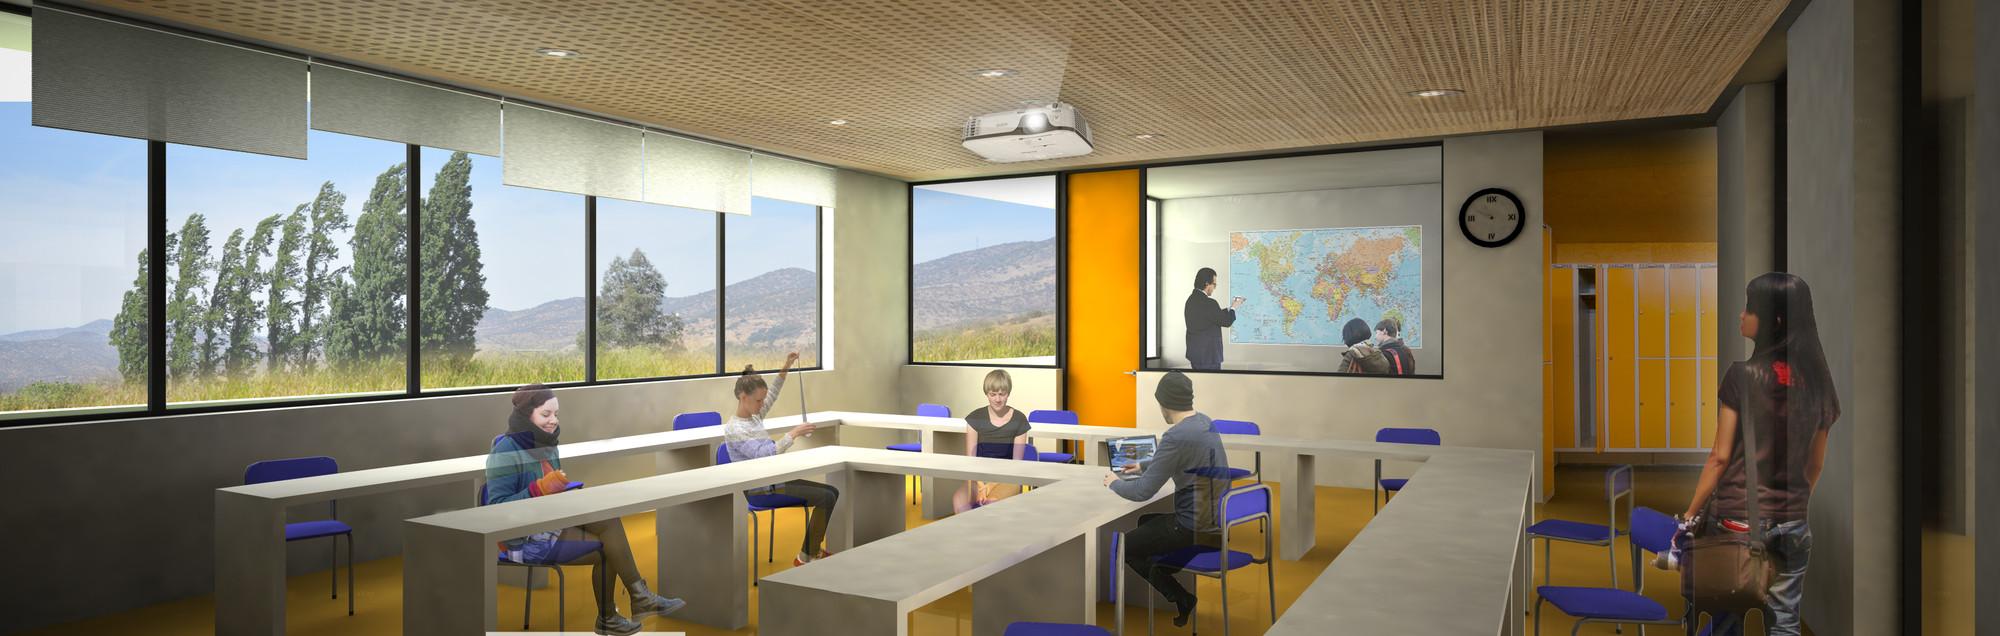 Courtesy of Eliash Arquitectos y Lambiasi + Westenenk Arquitectos